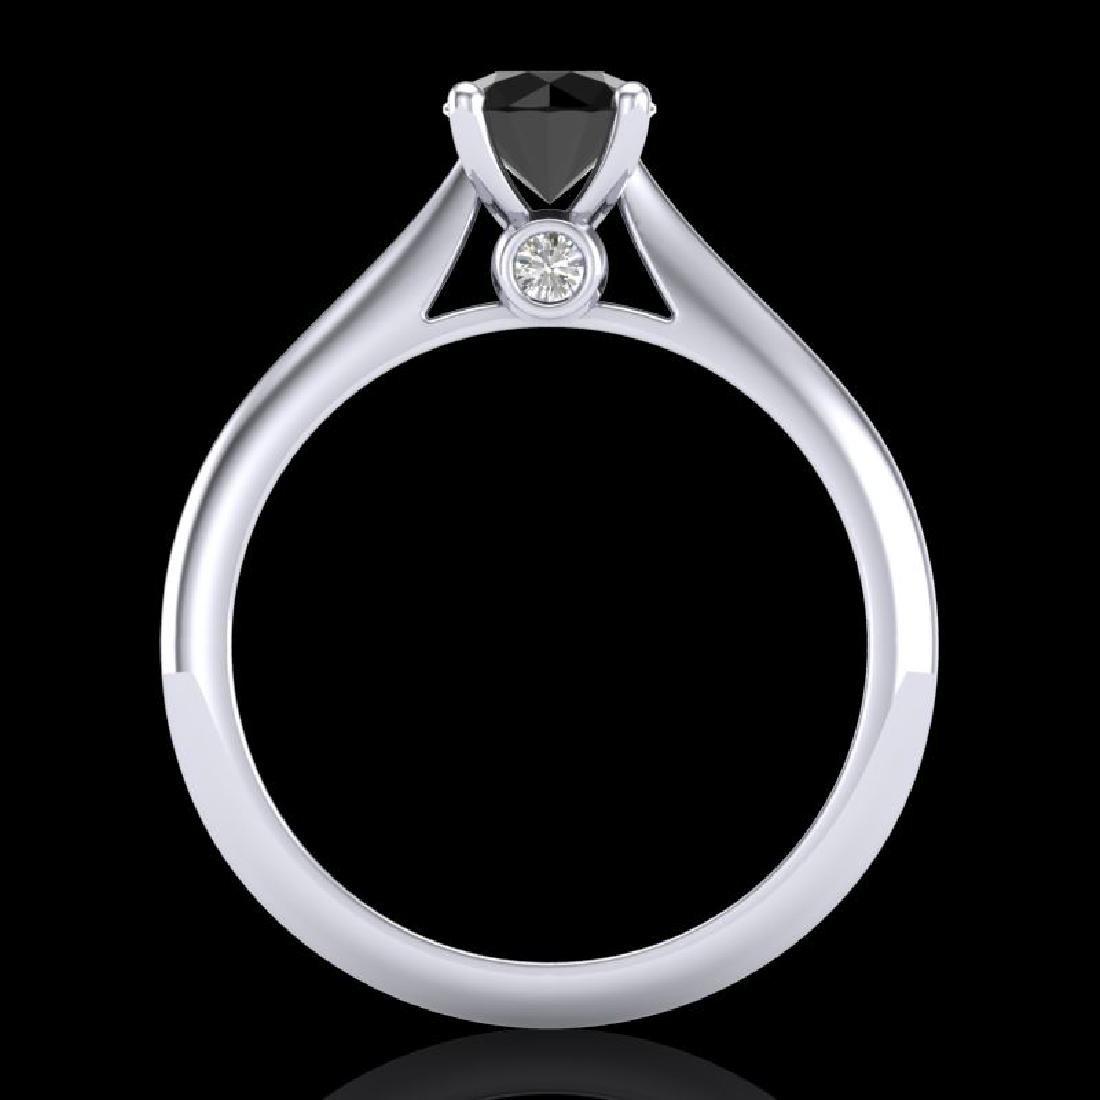 0.83 CTW Fancy Black Diamond Solitaire Engagement Art - 3